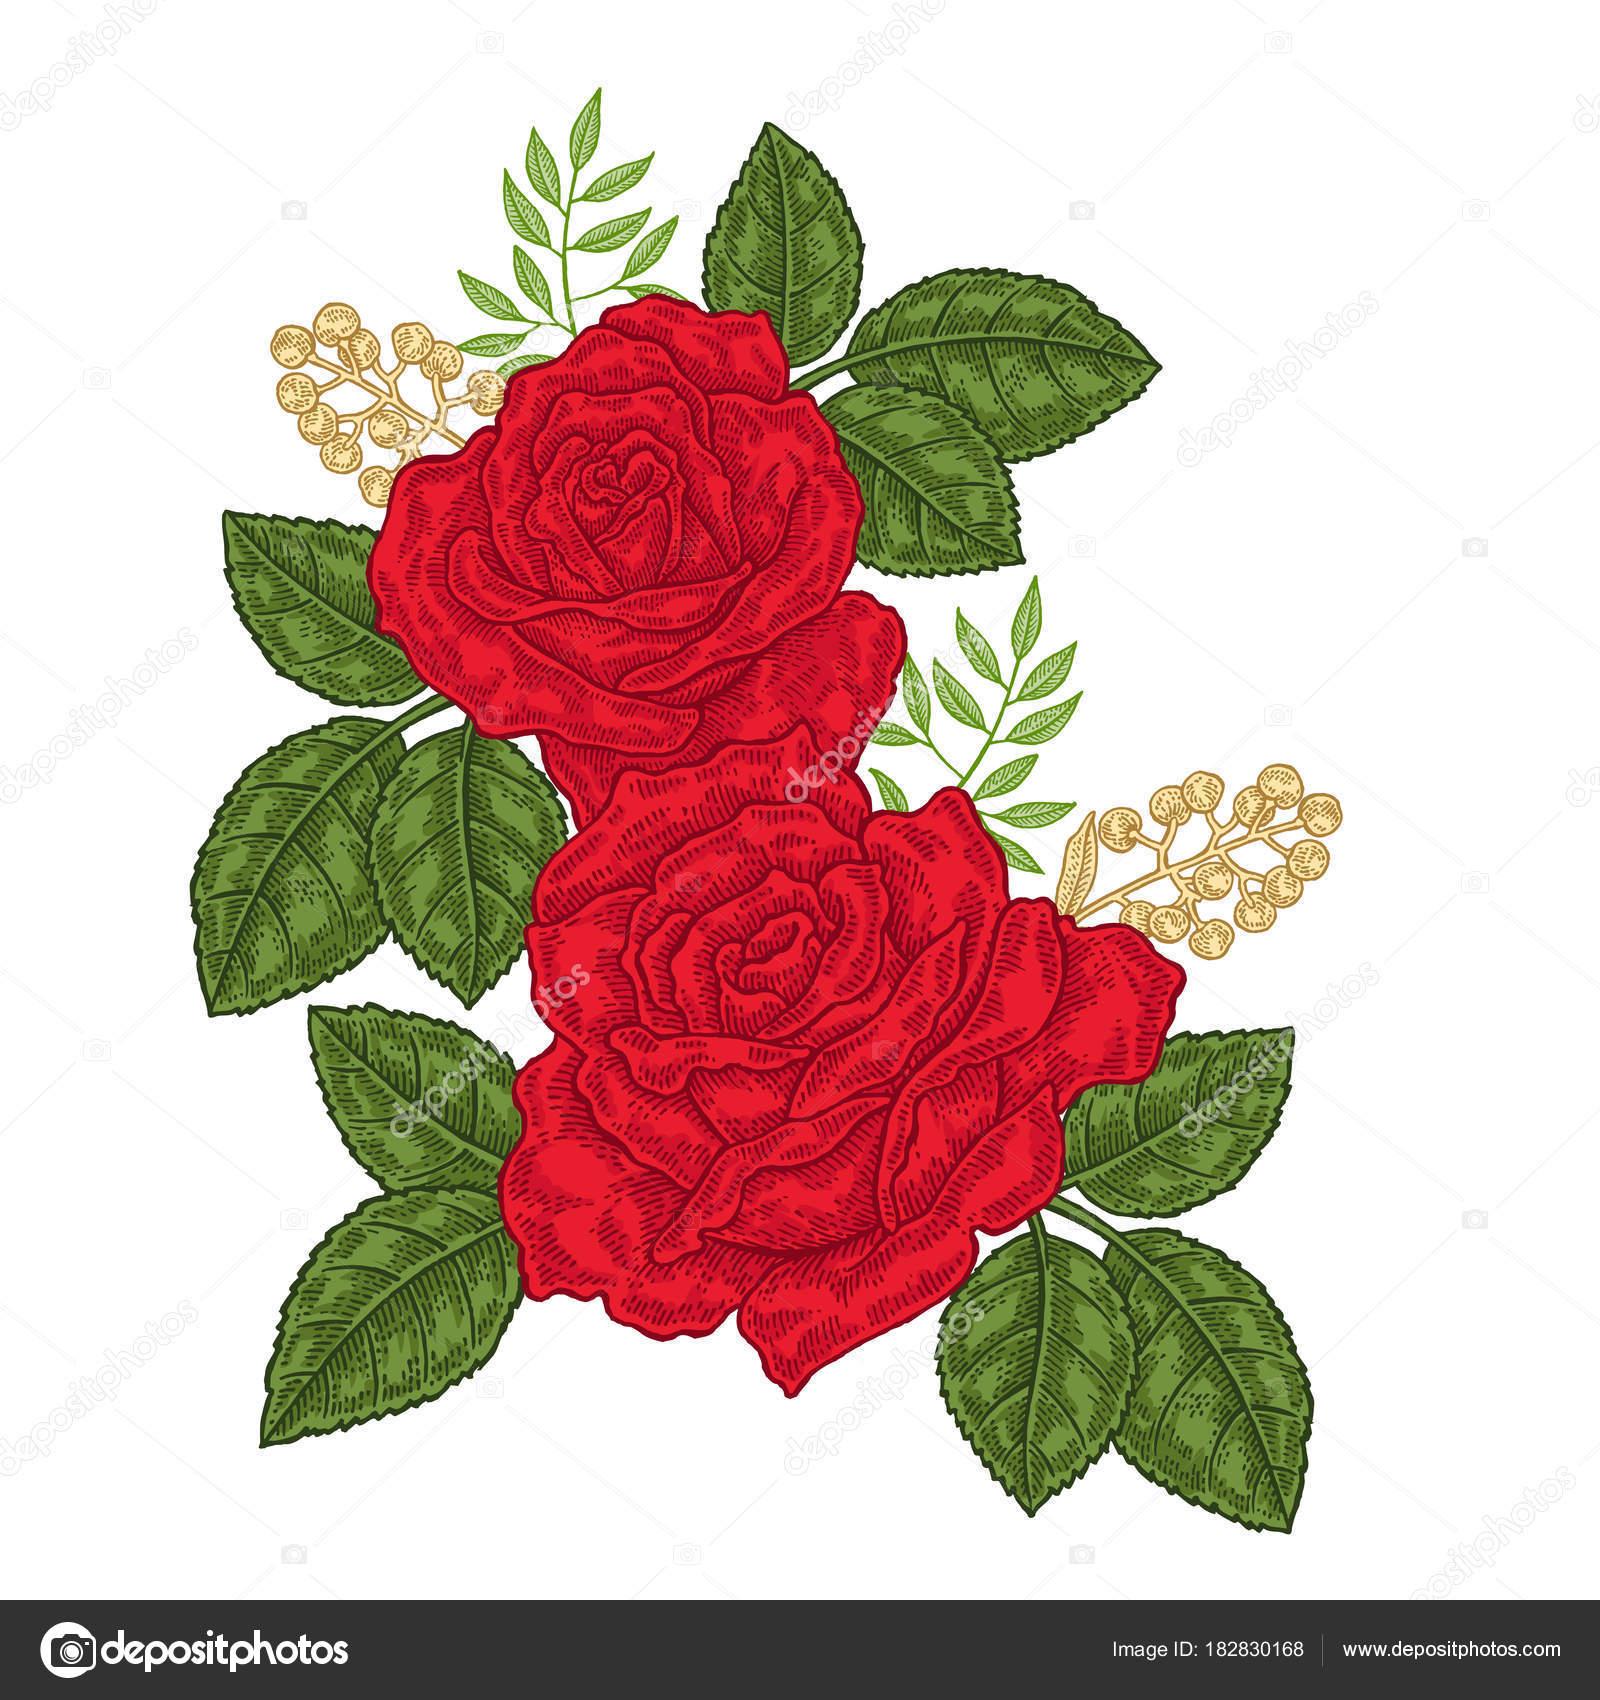 Rose Rosse Fiori E Foglie In Stile Vintage Disegnato A Mano